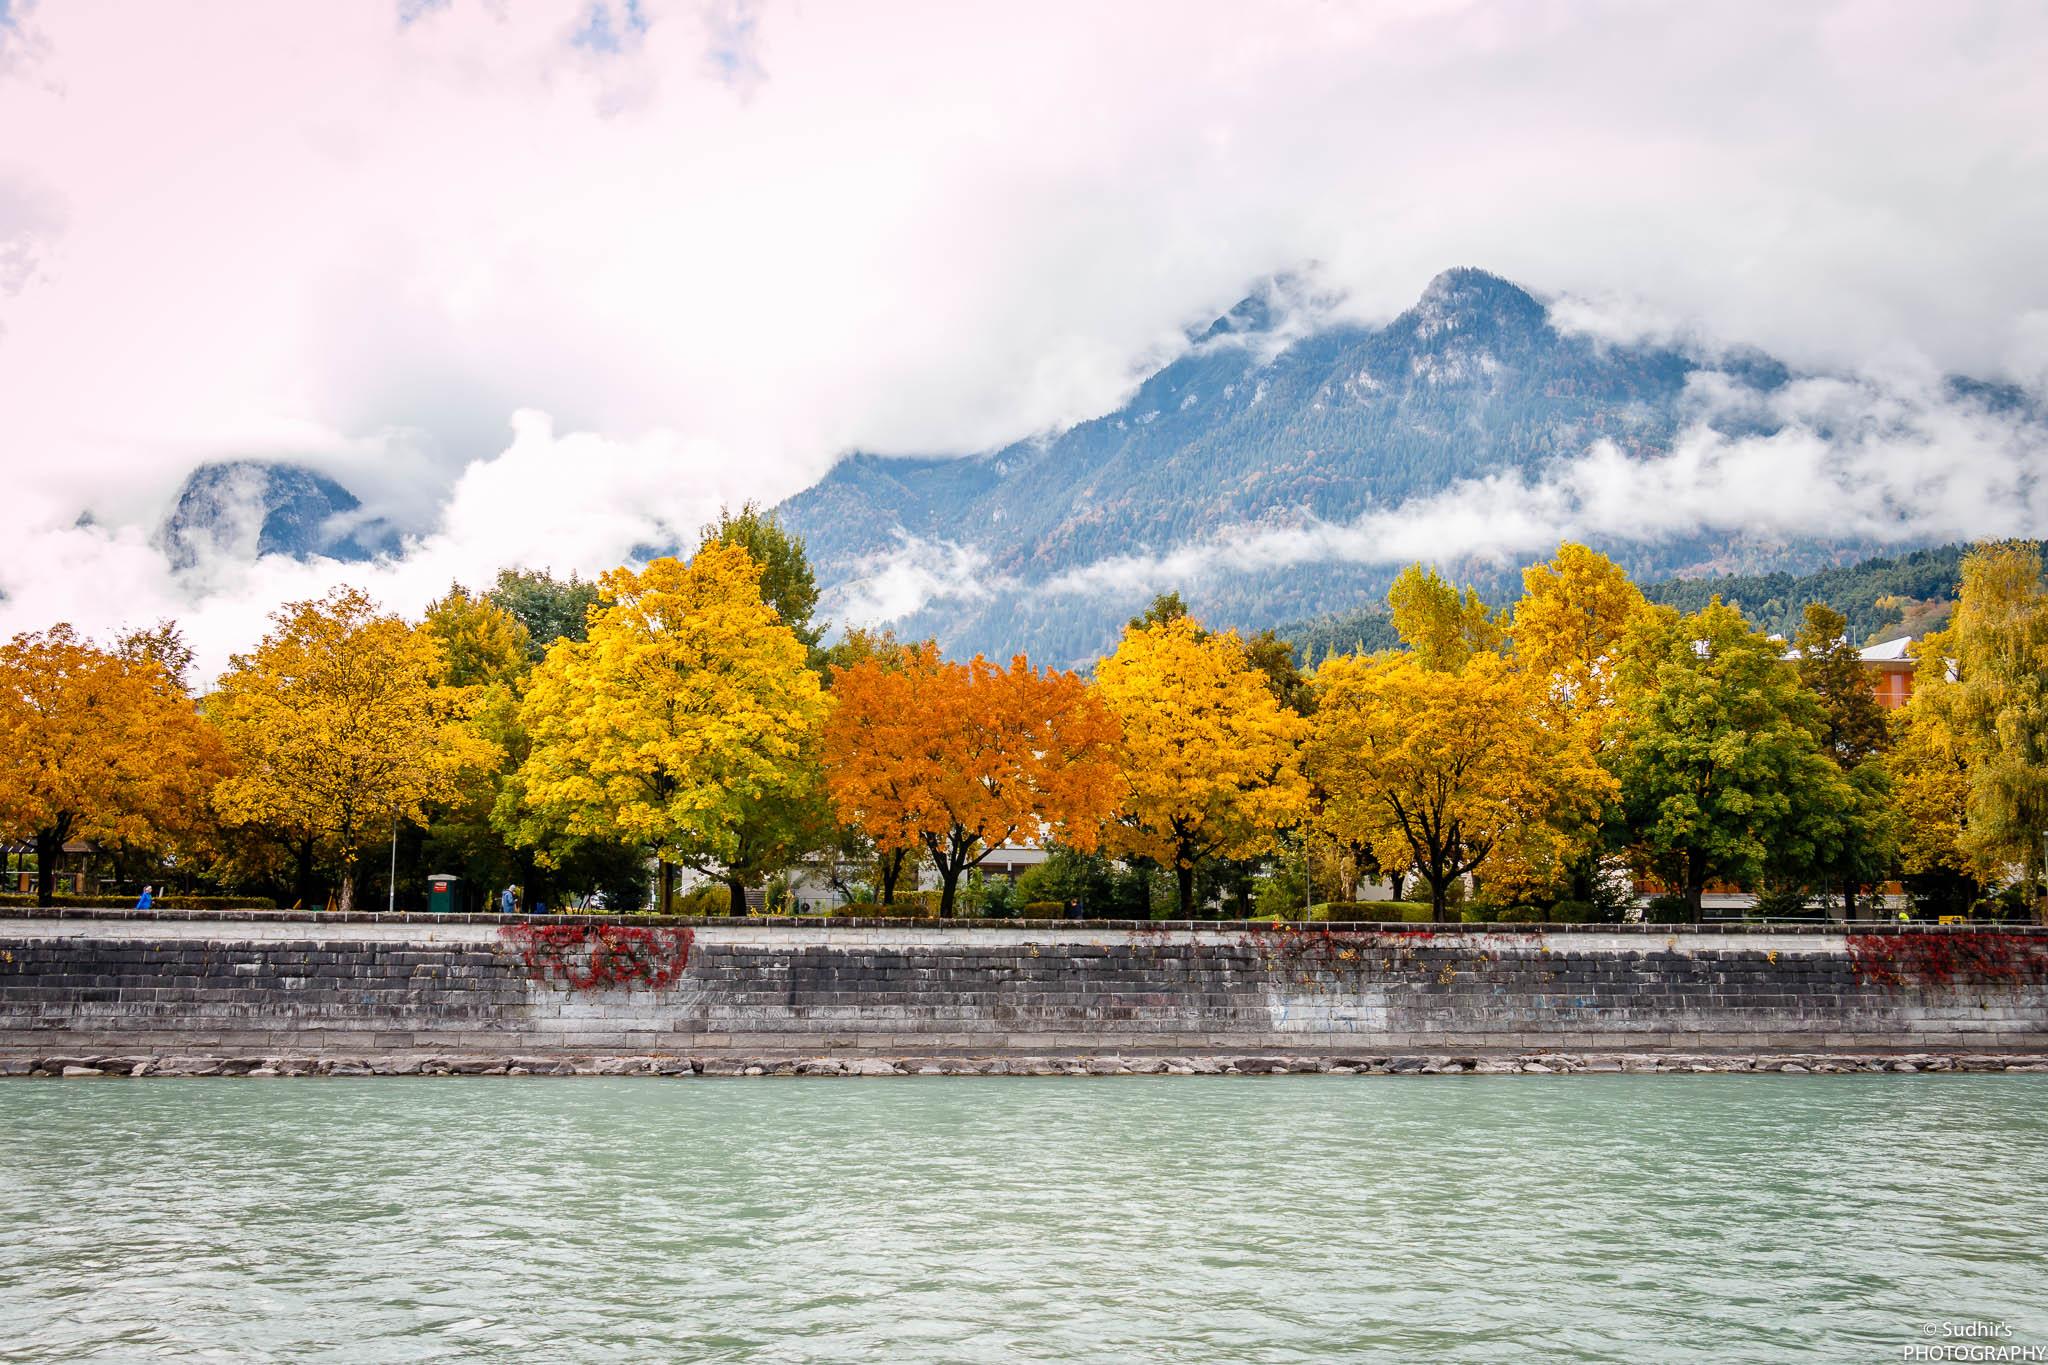 Inn river, Austria